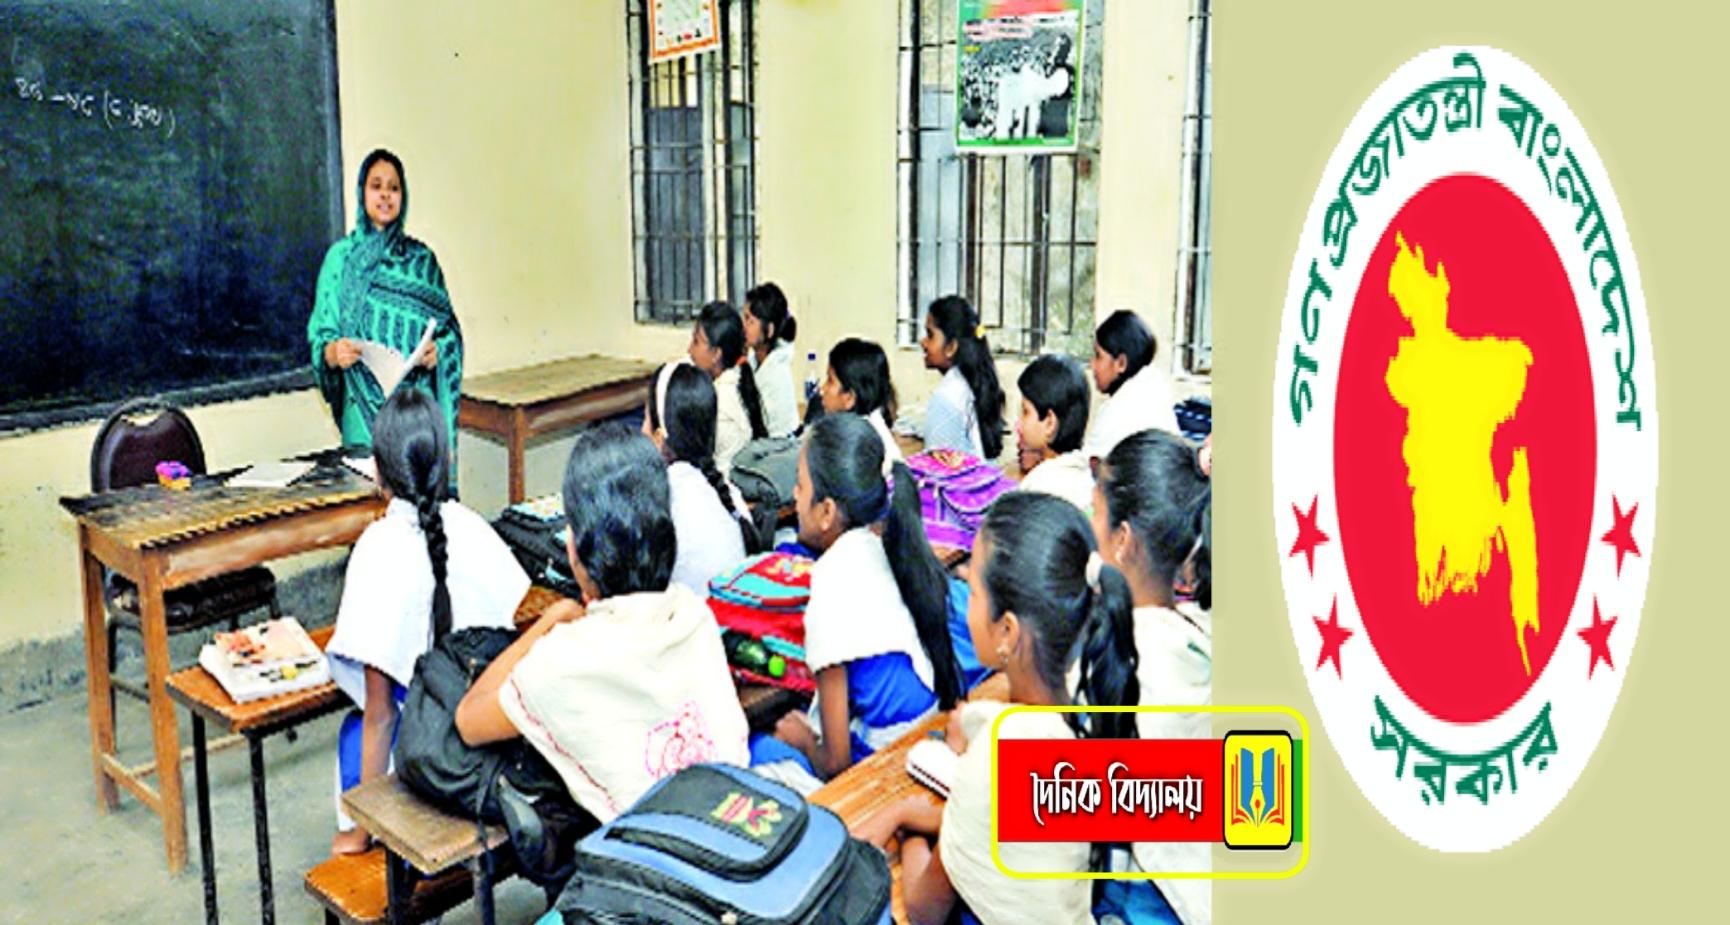 শিক্ষা প্রতিষ্ঠানে ছাত্র-ছাত্রীদের ইউনিক আইডির কার্যক্রম শুরু